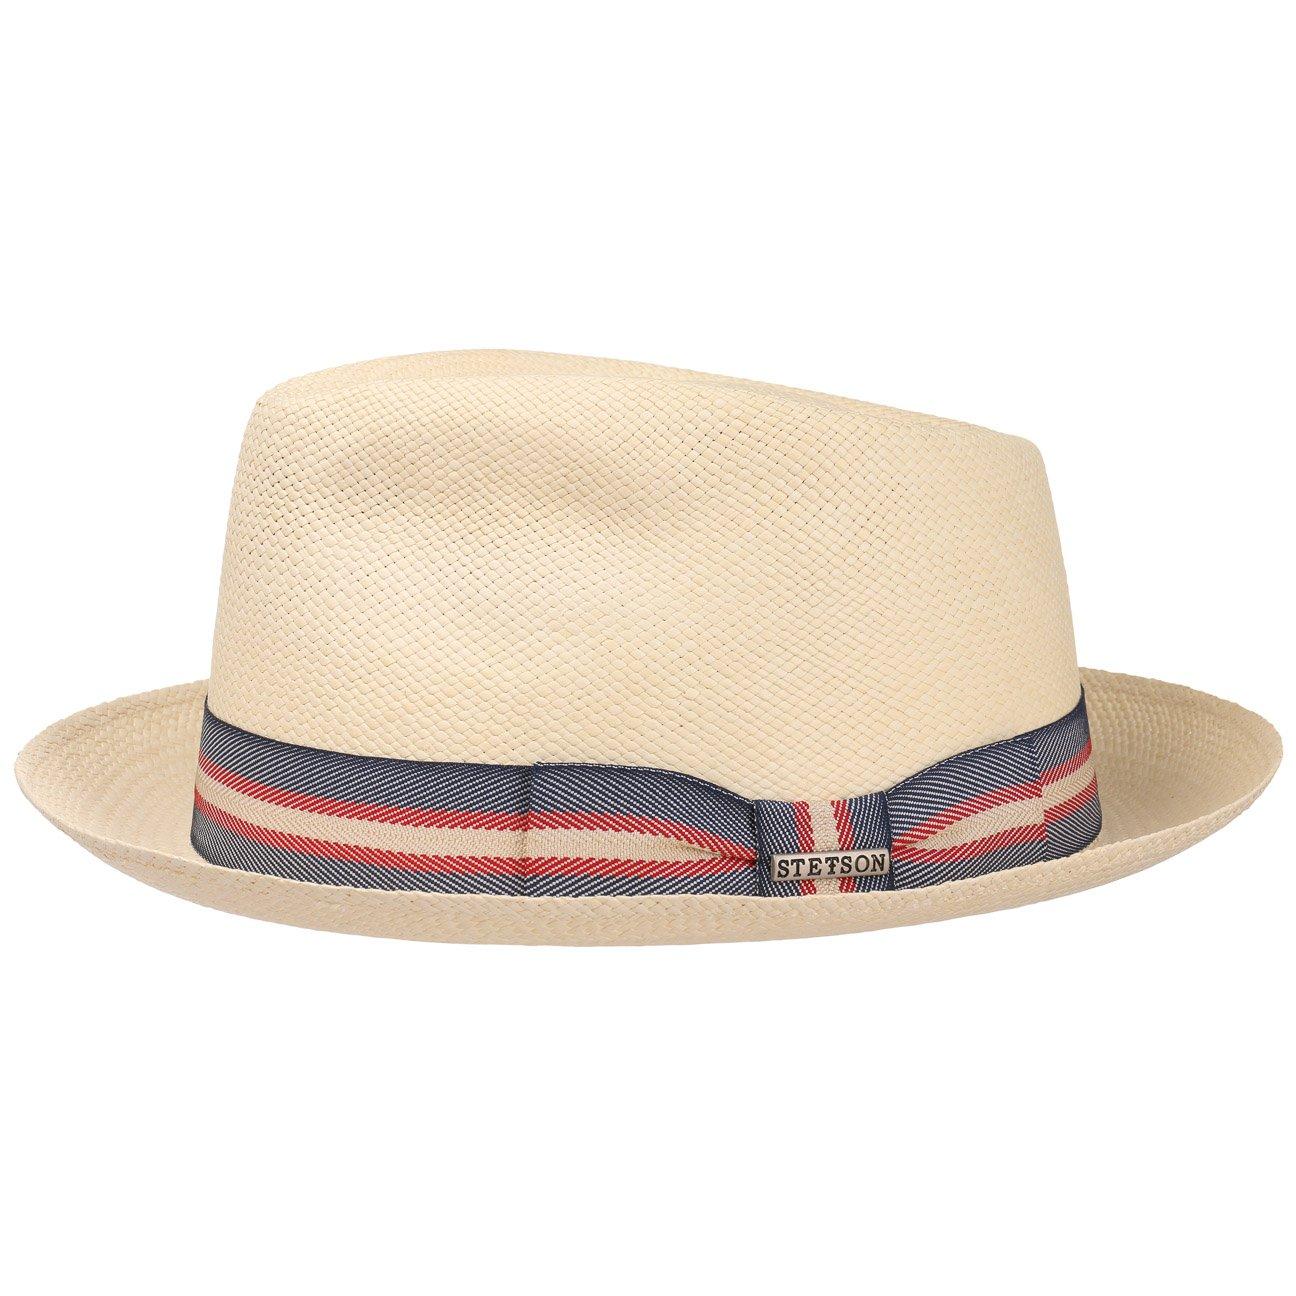 Made in Ecuador da Sole Estivo Cappelli Spiaggia con Nastro Grosgrain Grosgrain Primavera//Estate Stetson Cappello di Paglia Ocate Panama Uomo